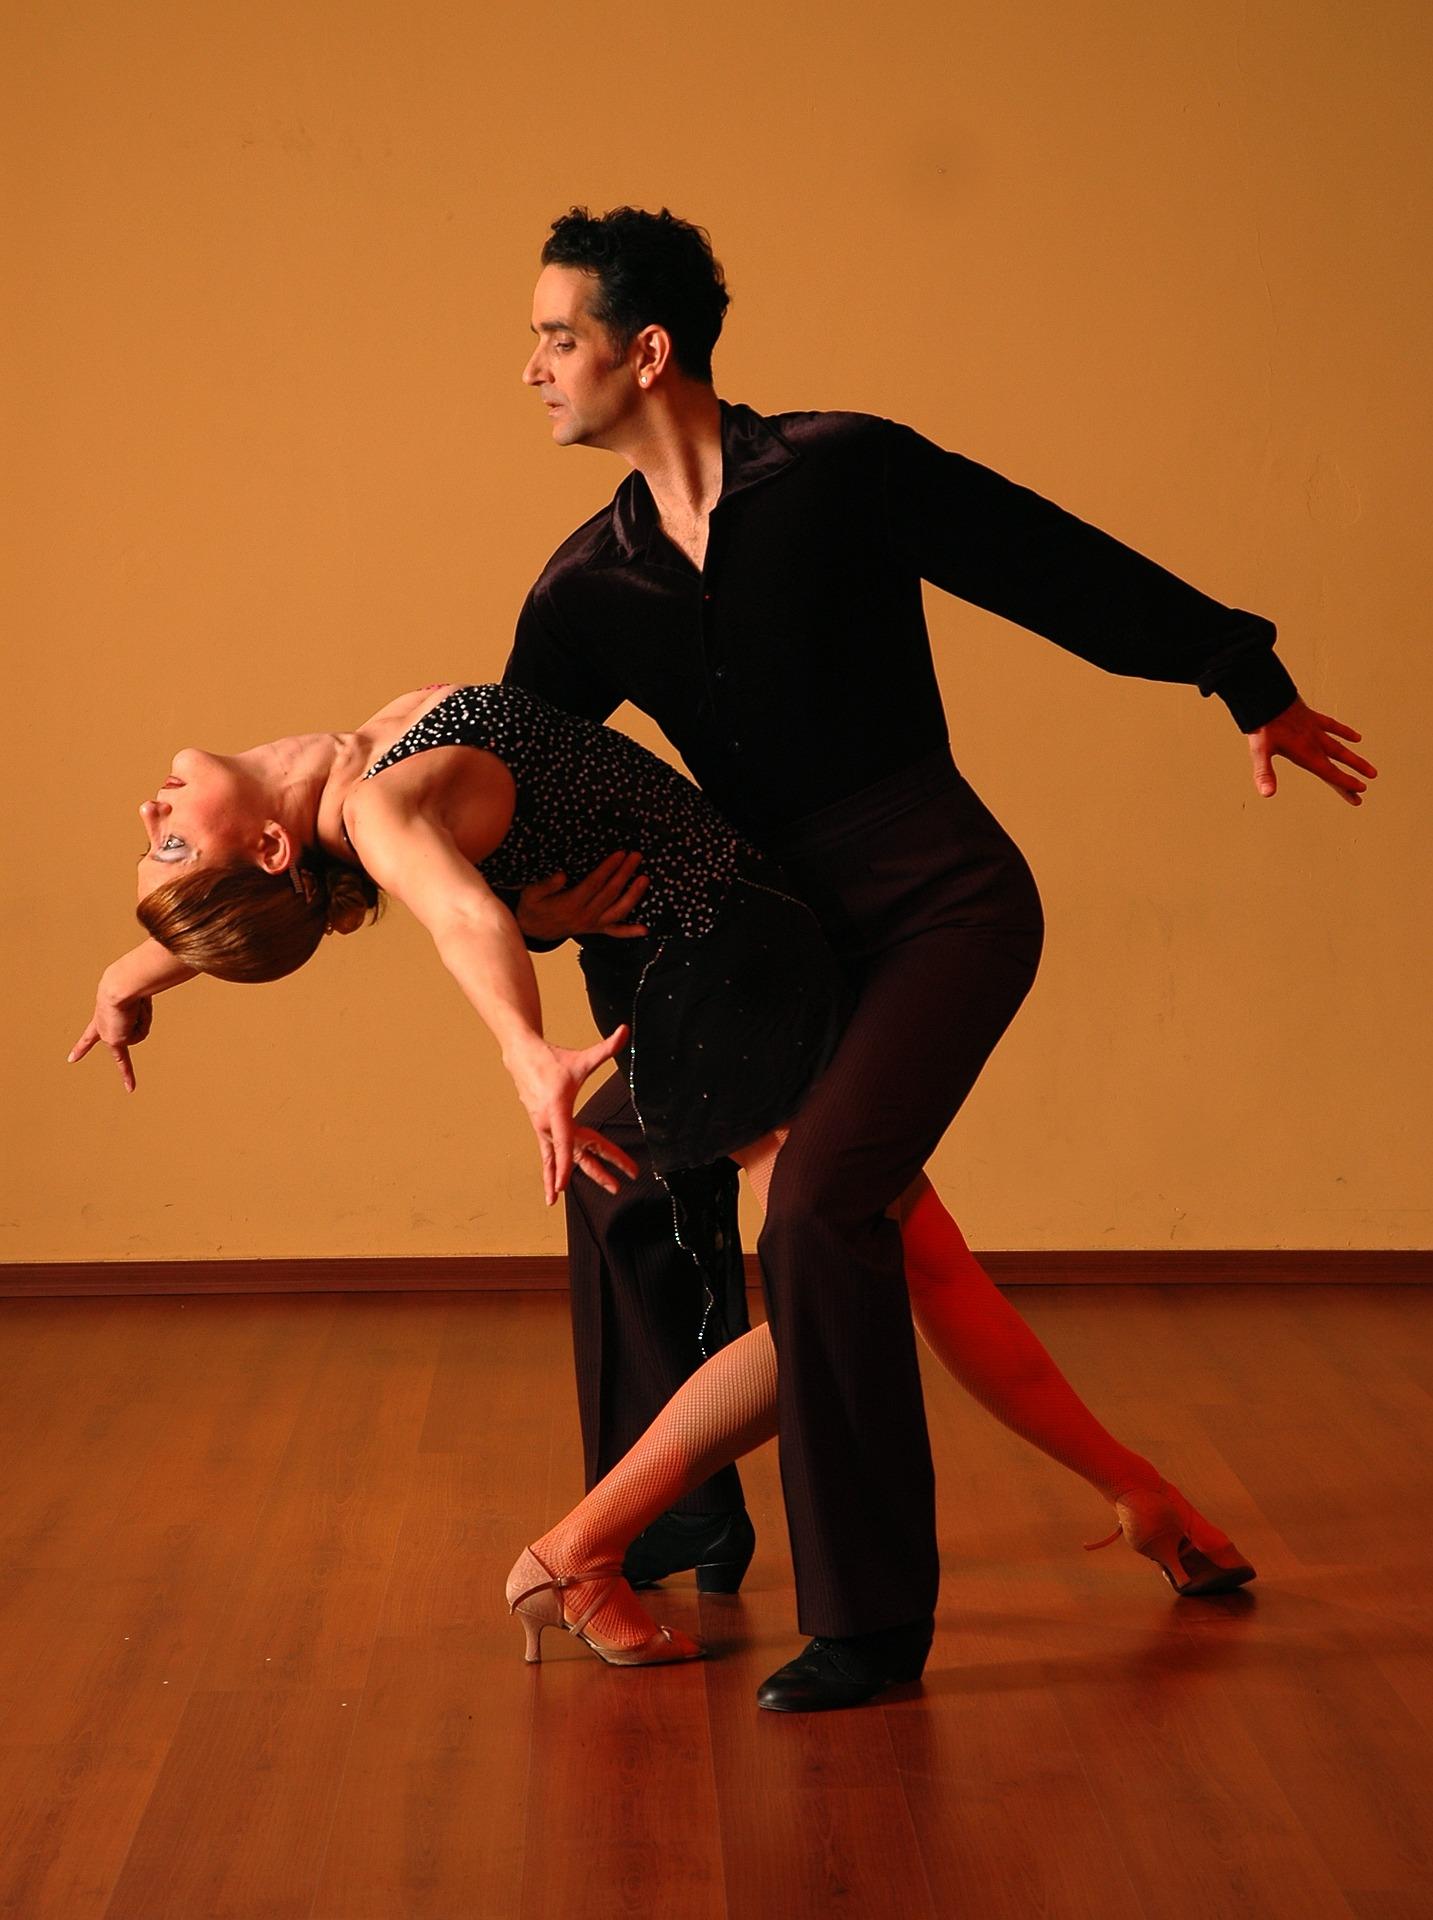 dancing-929816_1920